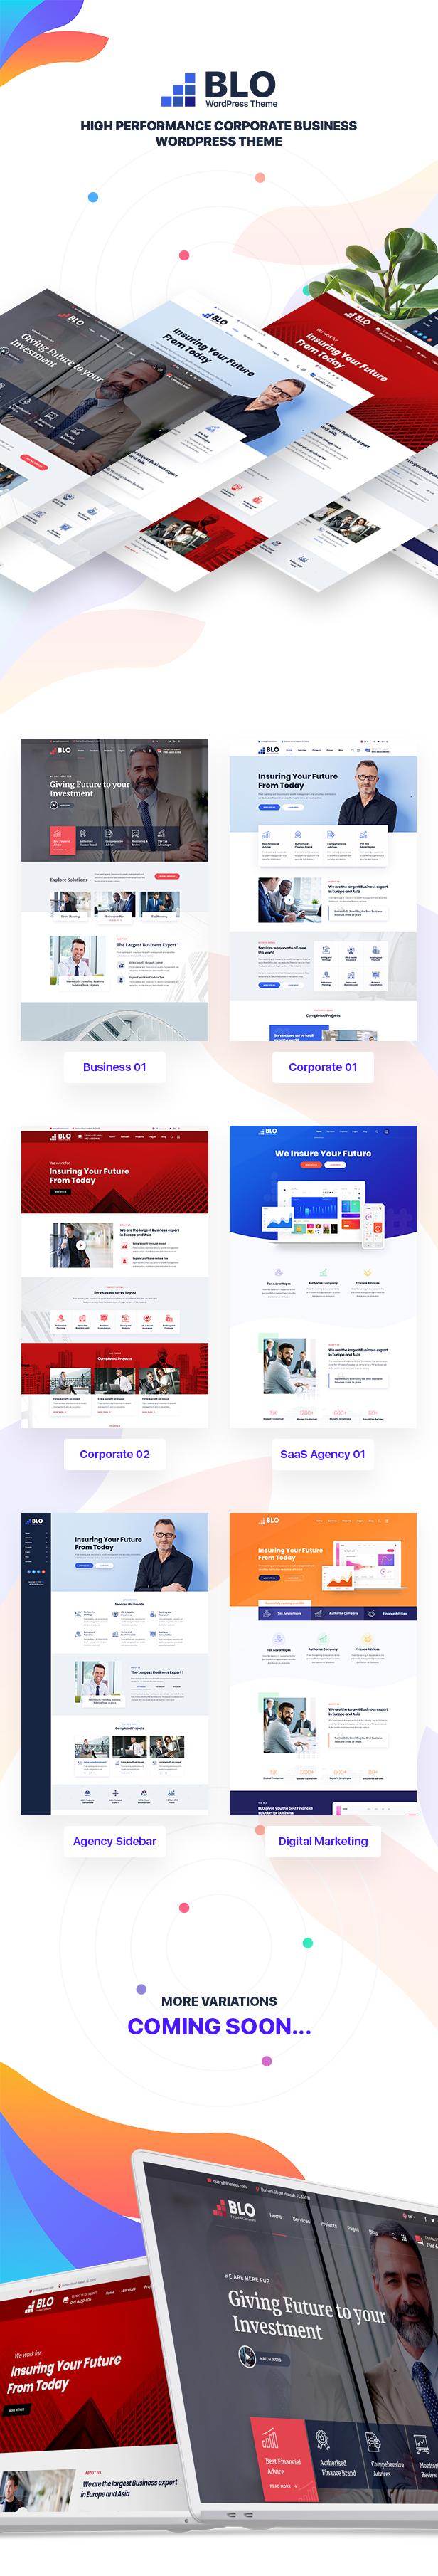 BLO v2.8-企业集团公司业务官网WordPress主题插图2